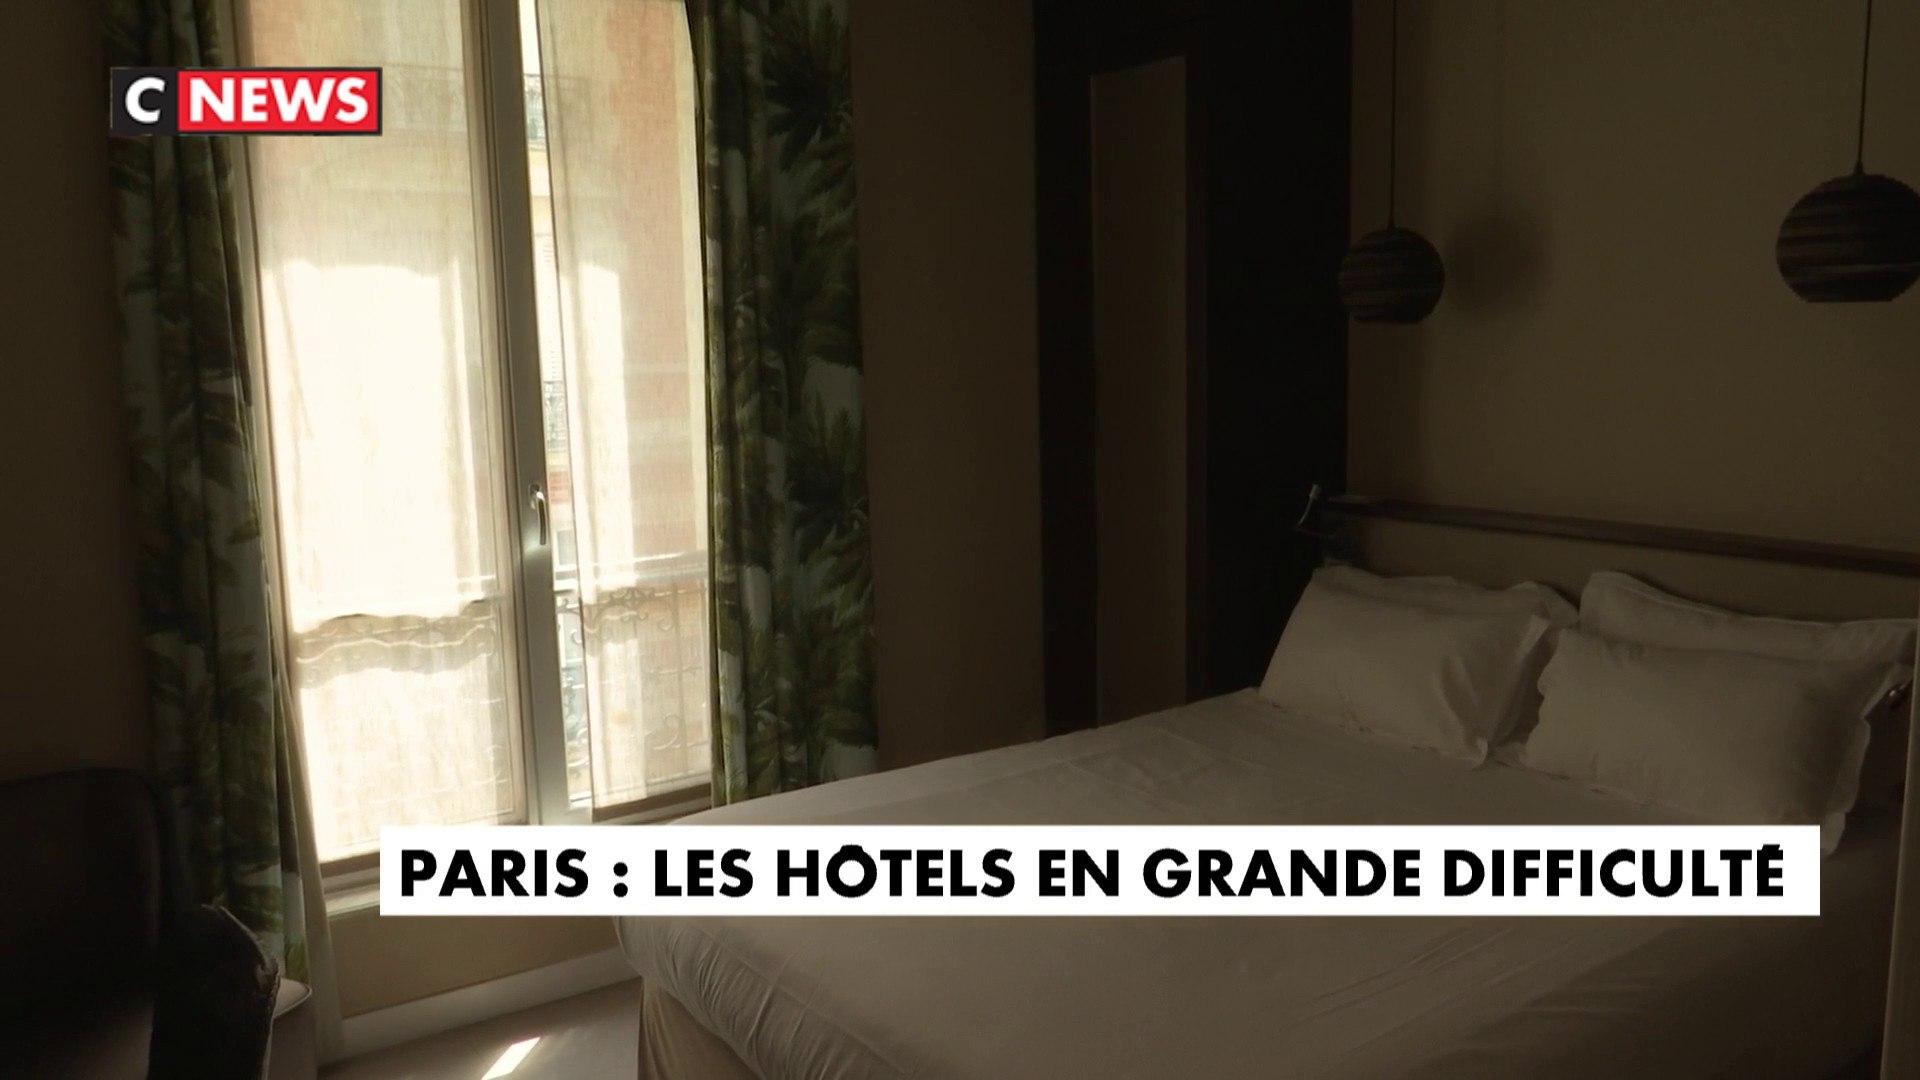 Tourisme : les hôtels parisiens en grande difficulté